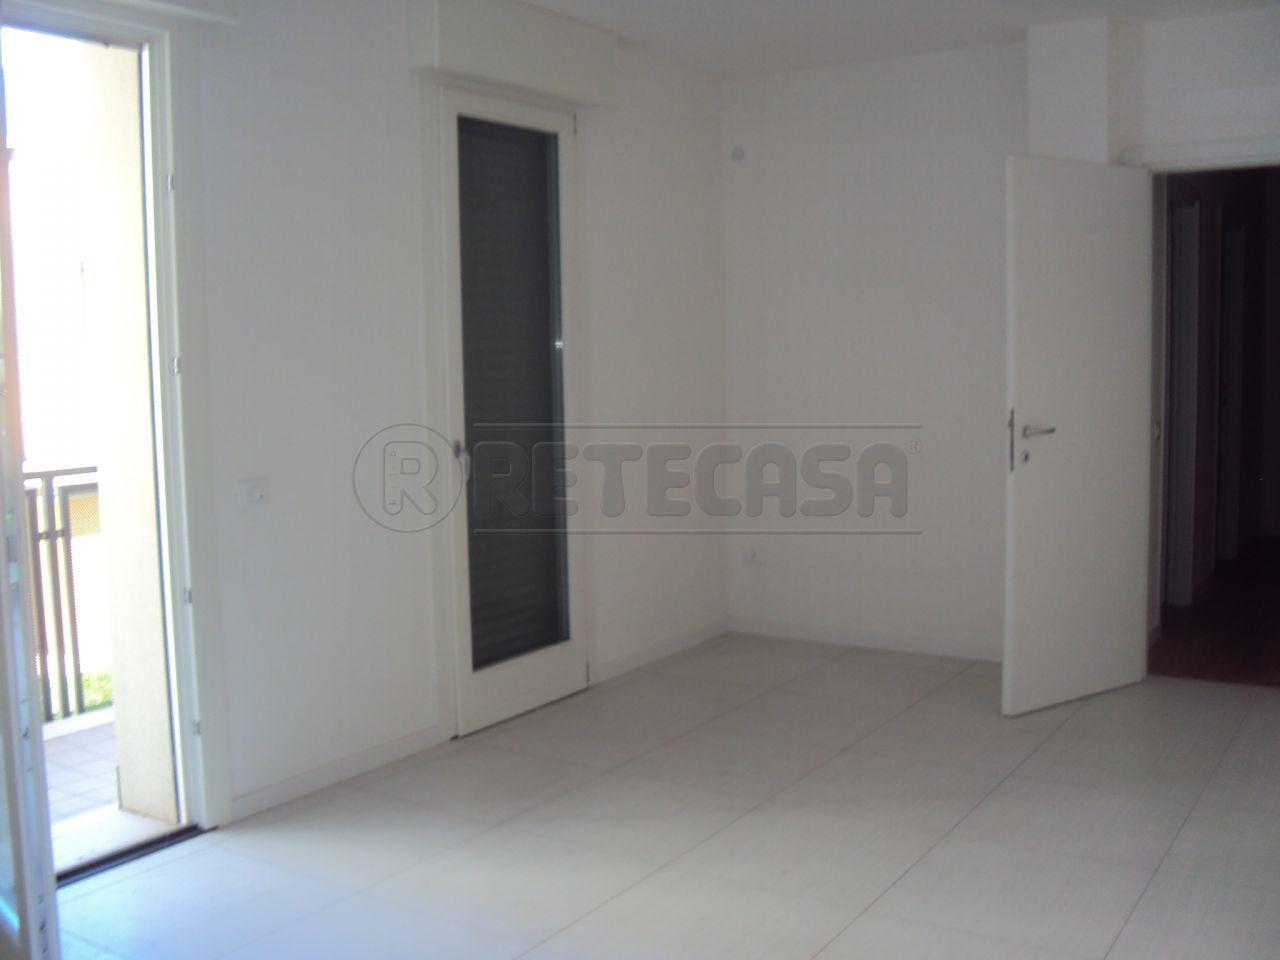 Appartamento in vendita a Campodarsego, 9999 locali, prezzo € 165.000 | Cambio Casa.it